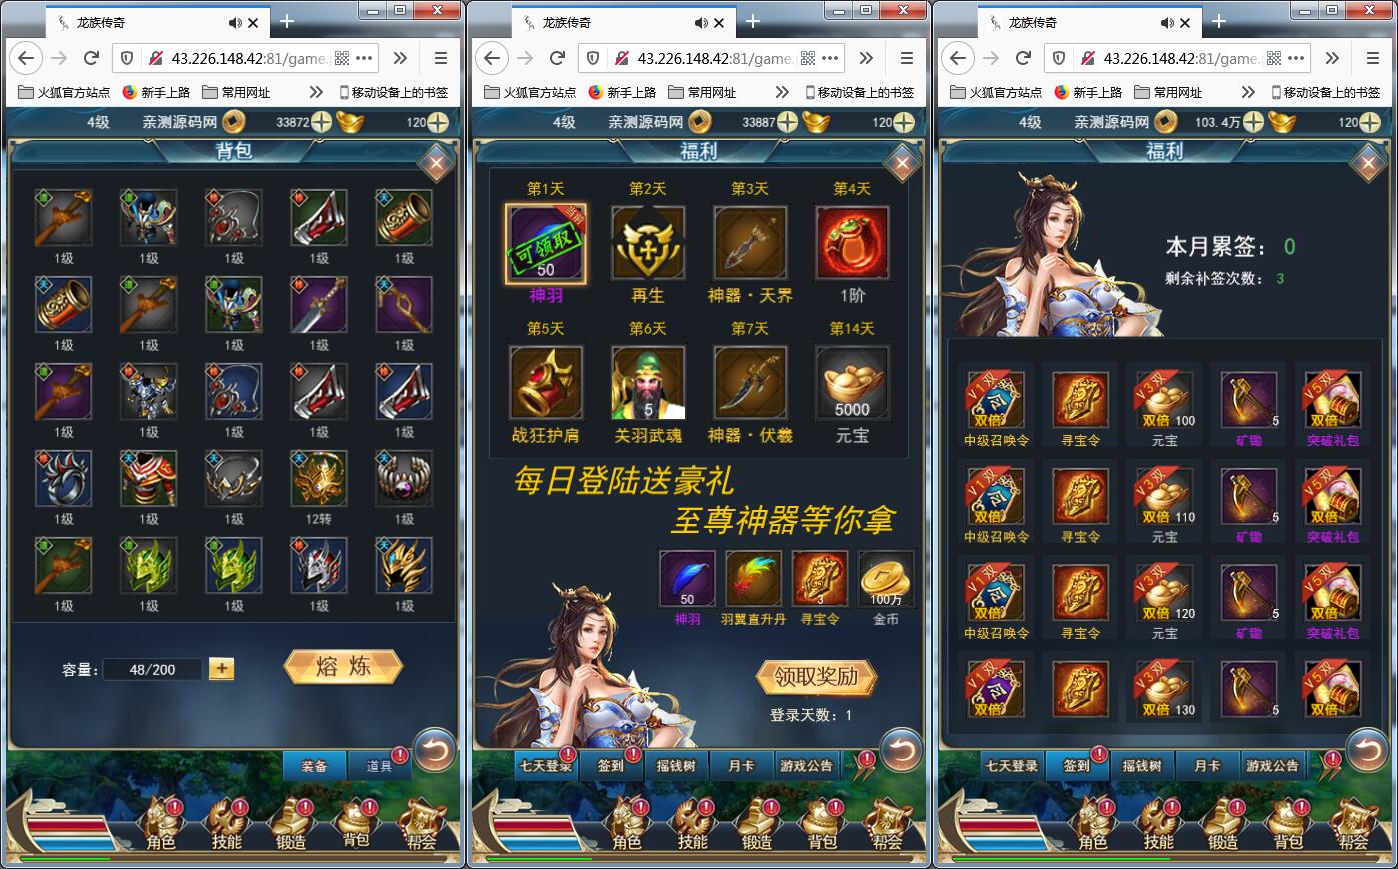 亲测 视频教程丨【龙族】三网H5游戏H5手游源码 Linux手工服务端